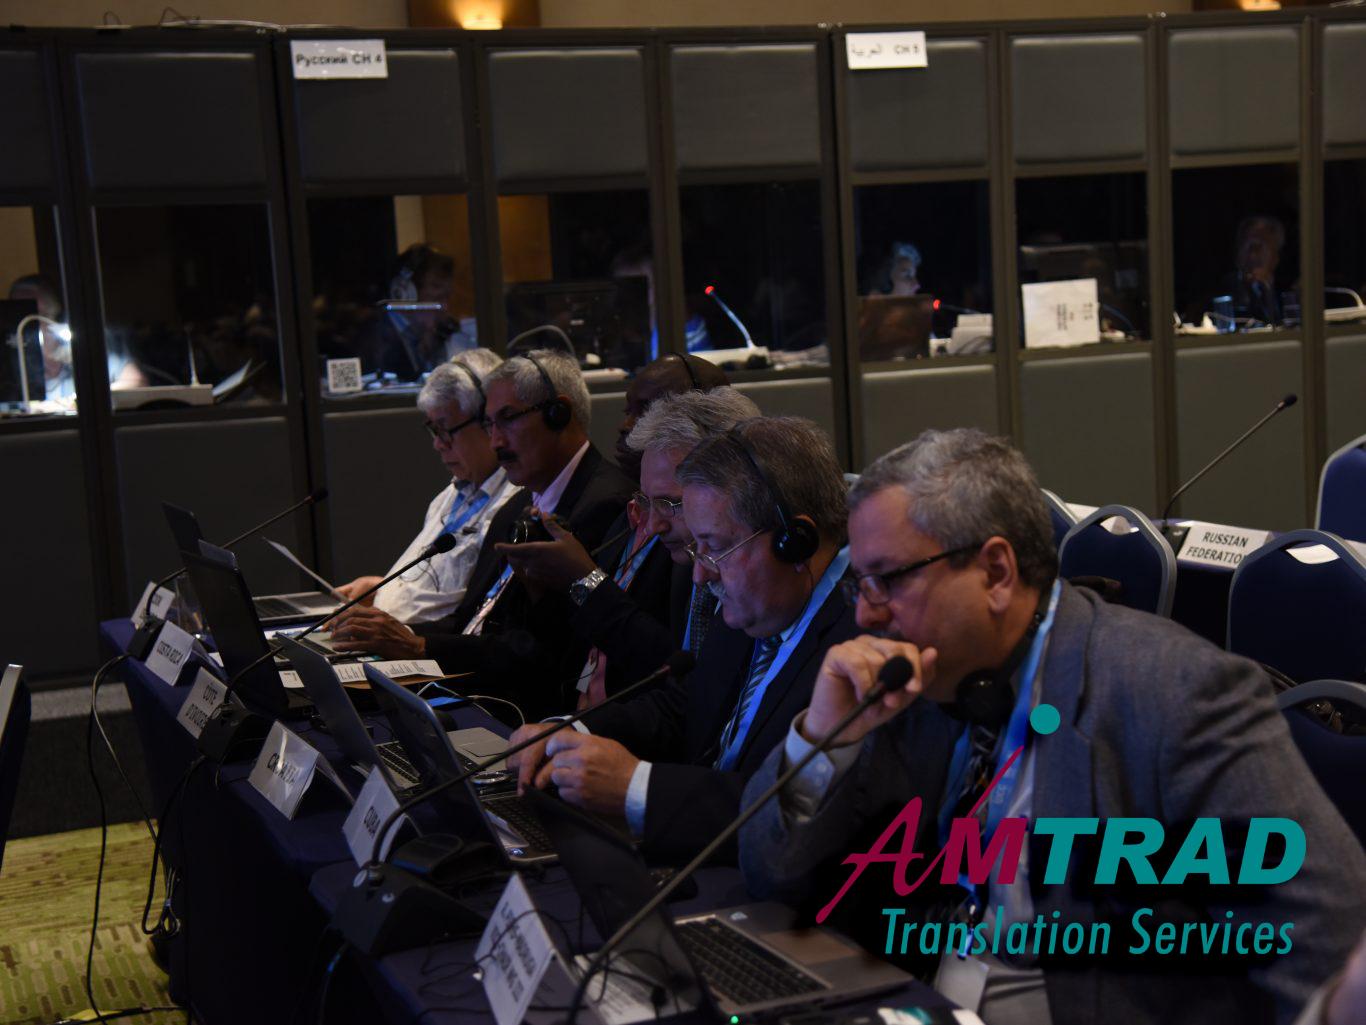 AMTRAD, servicios de traducción para un mundo globalizado